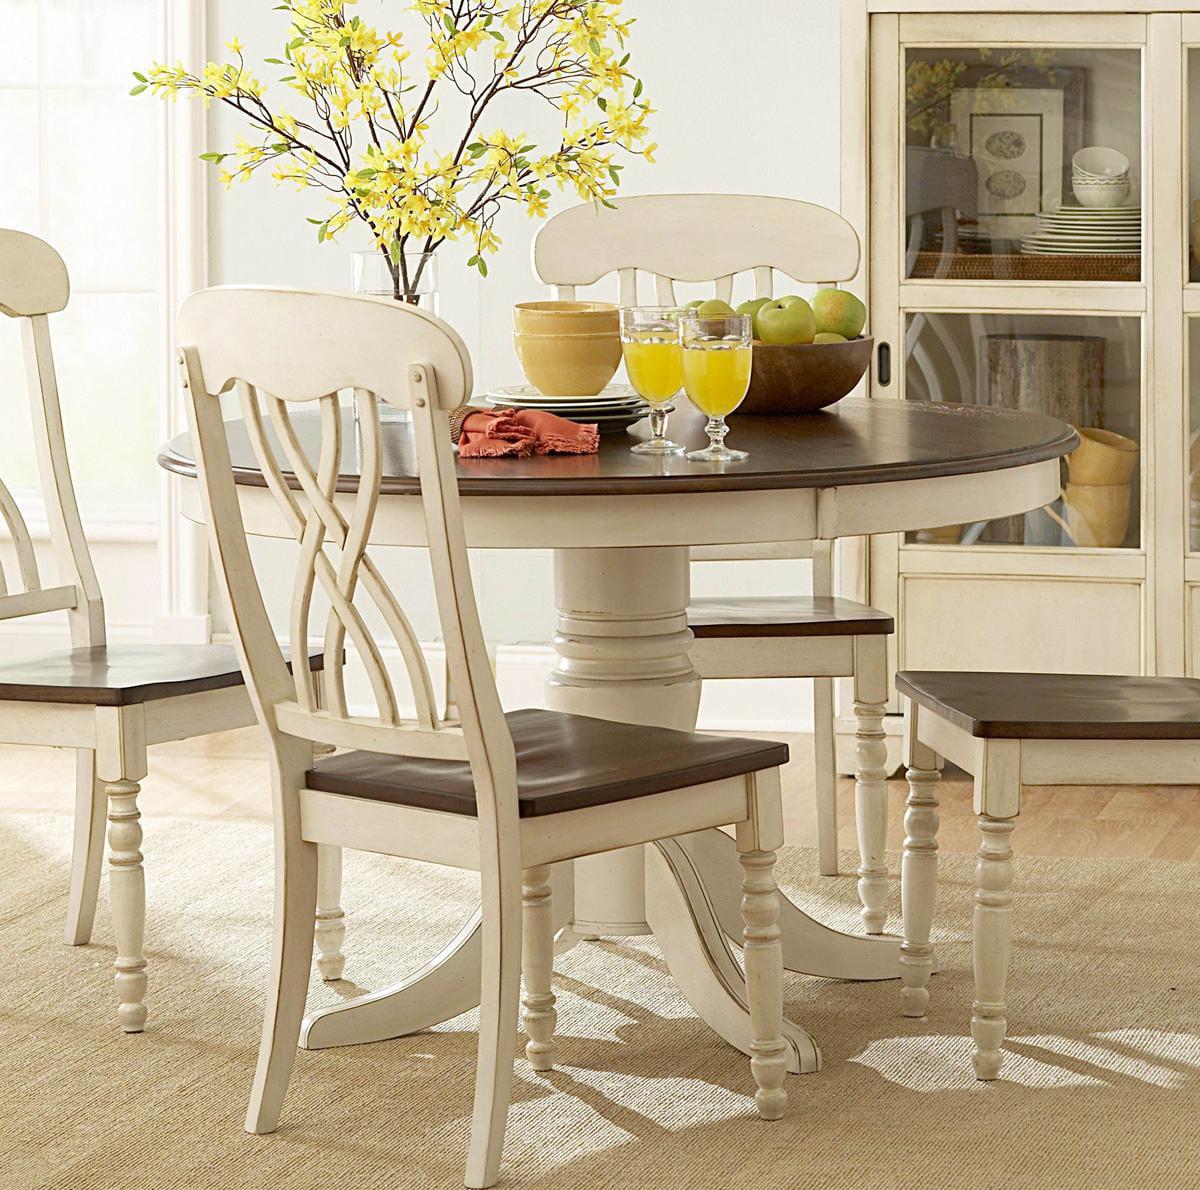 Homelegance Ohana Round Pedestal Dining Table in White & ...